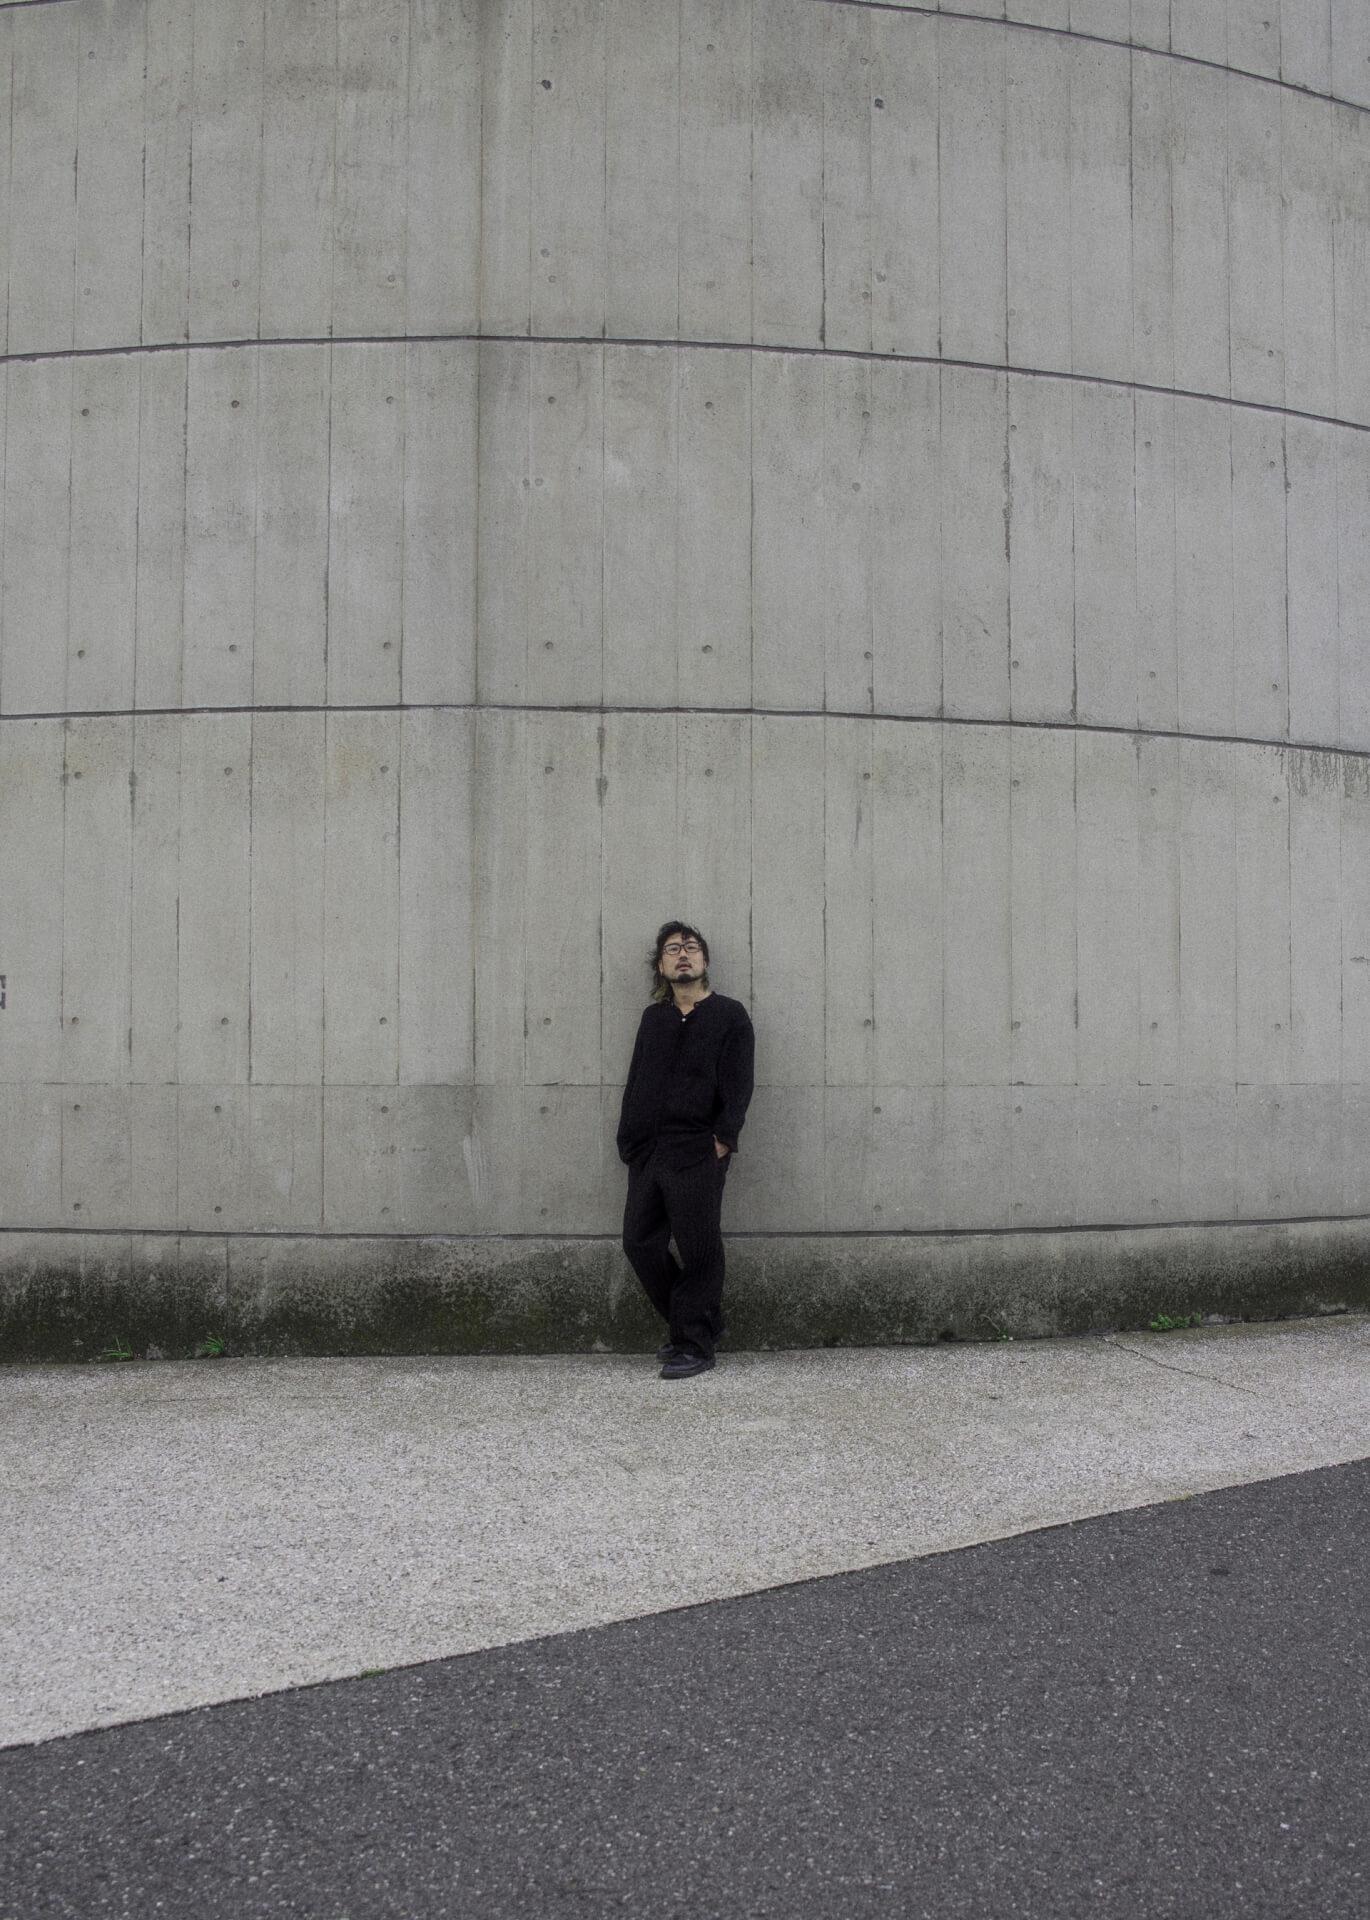 """サウンドプロデューサー・伊藤修平による新プロジェクト、SUGAR HILLSの作品第1弾""""Empty Room feat.ZIN""""がリリース決定! music200821_sugarhills_1"""